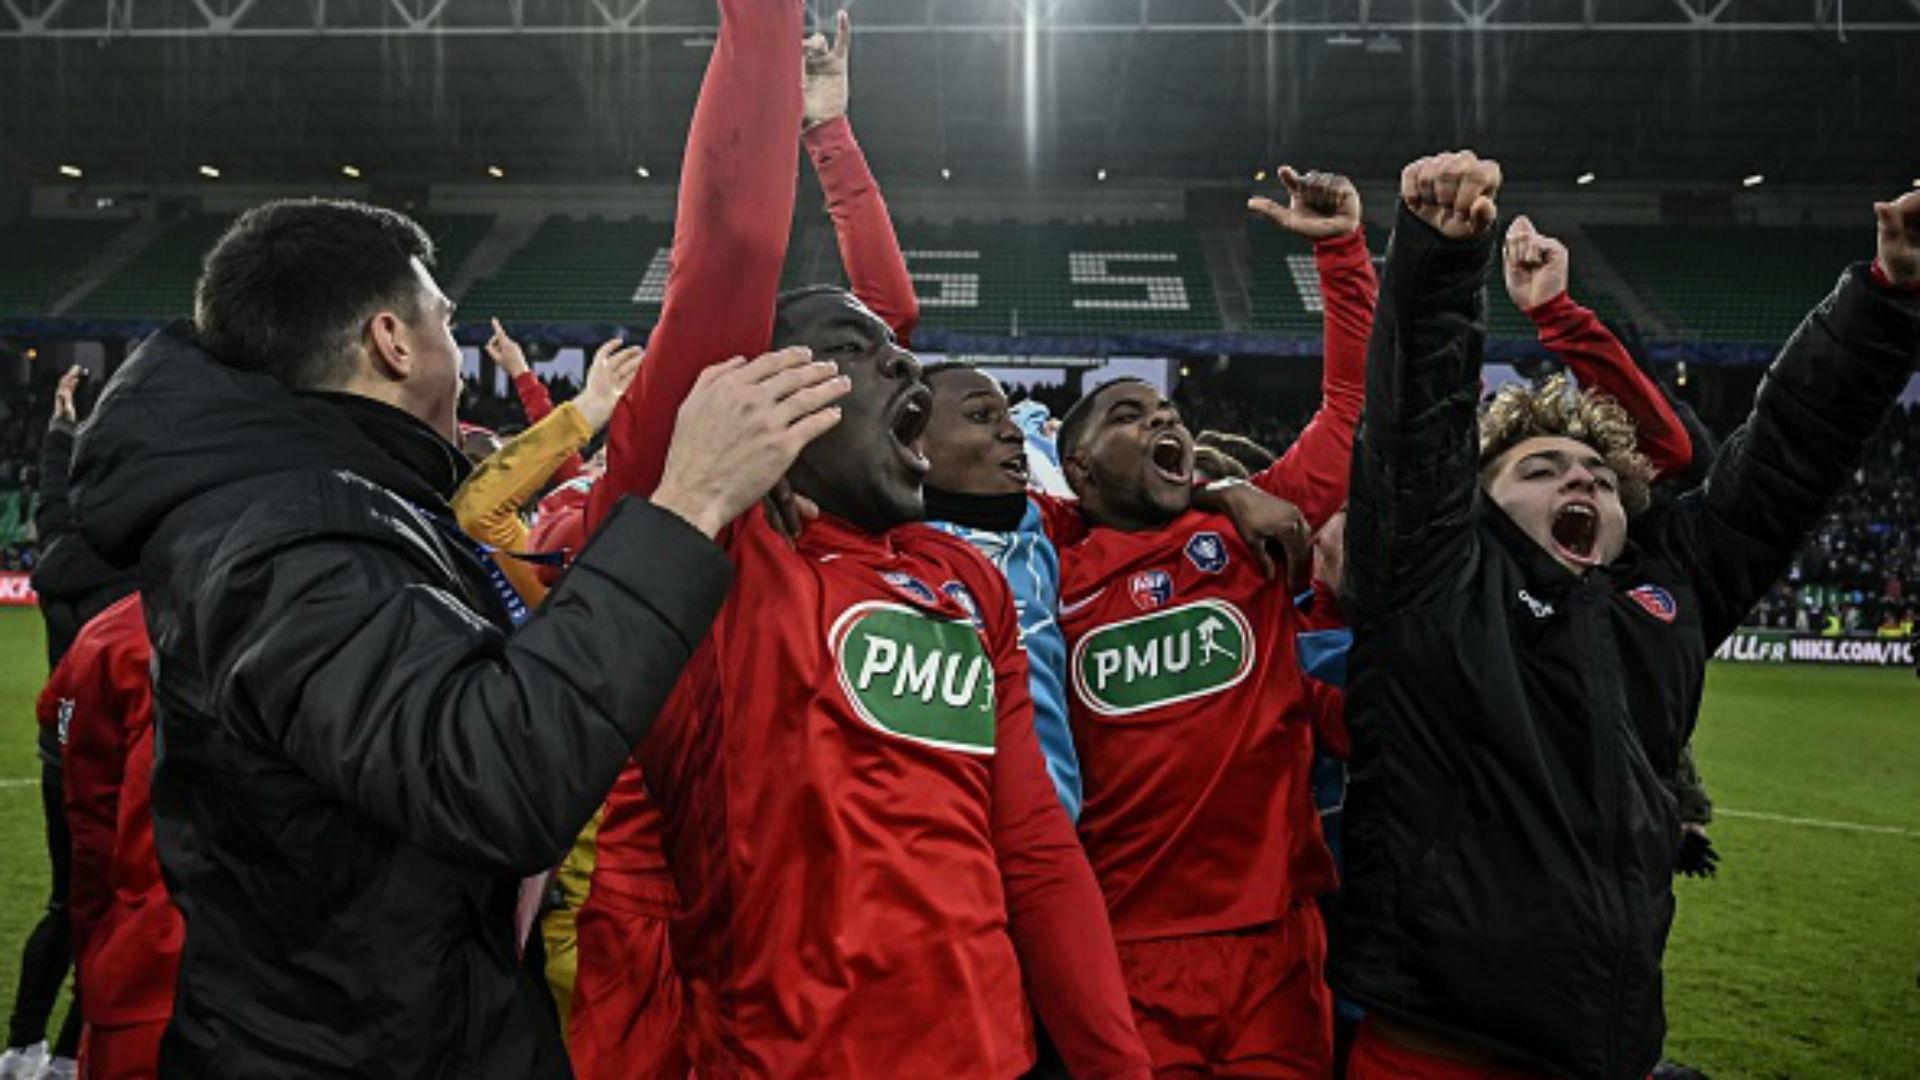 Andrezieux Coupe de France